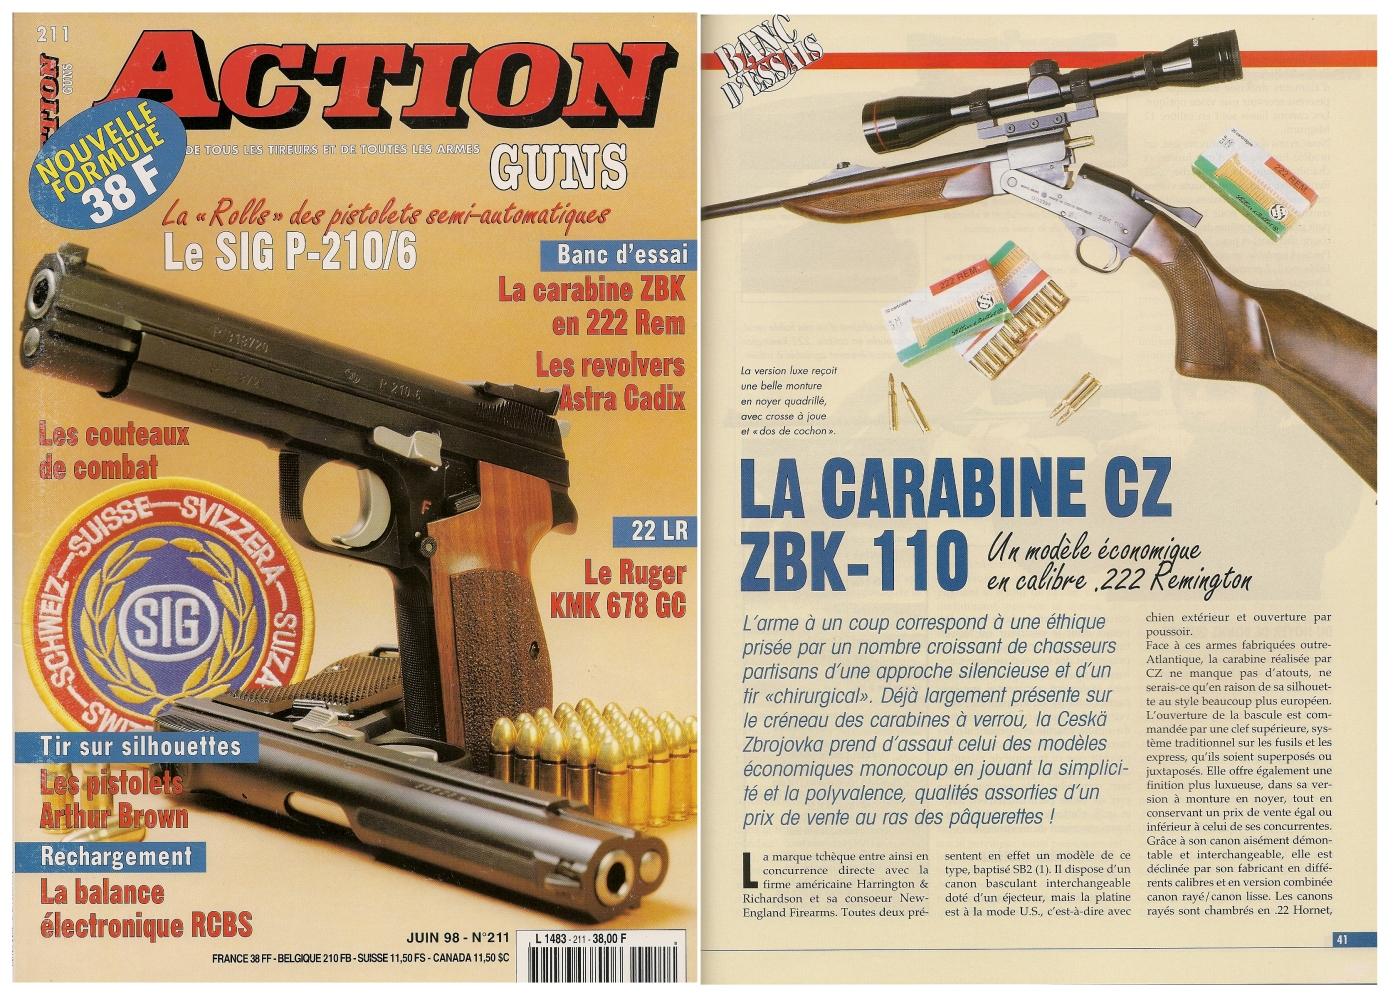 Le banc d'essai de la carabine CZ ZBK-110 a été publié sur 4 pages dans le magazine Action Guns n°211 (juin 1998).